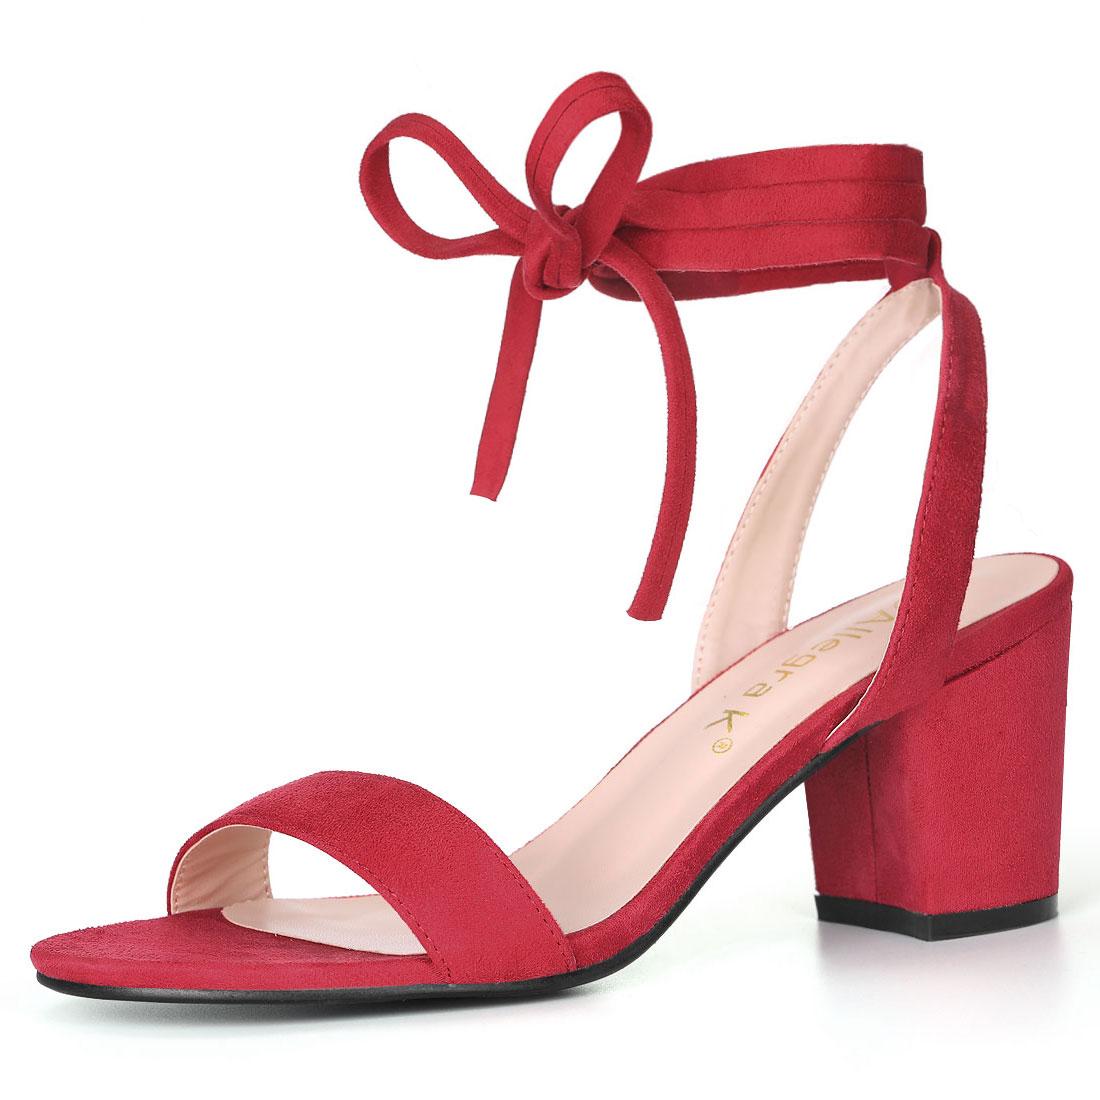 Allegra K Women's Open Toe Mid Block Heel Ankle Tie Sandals Red US 10